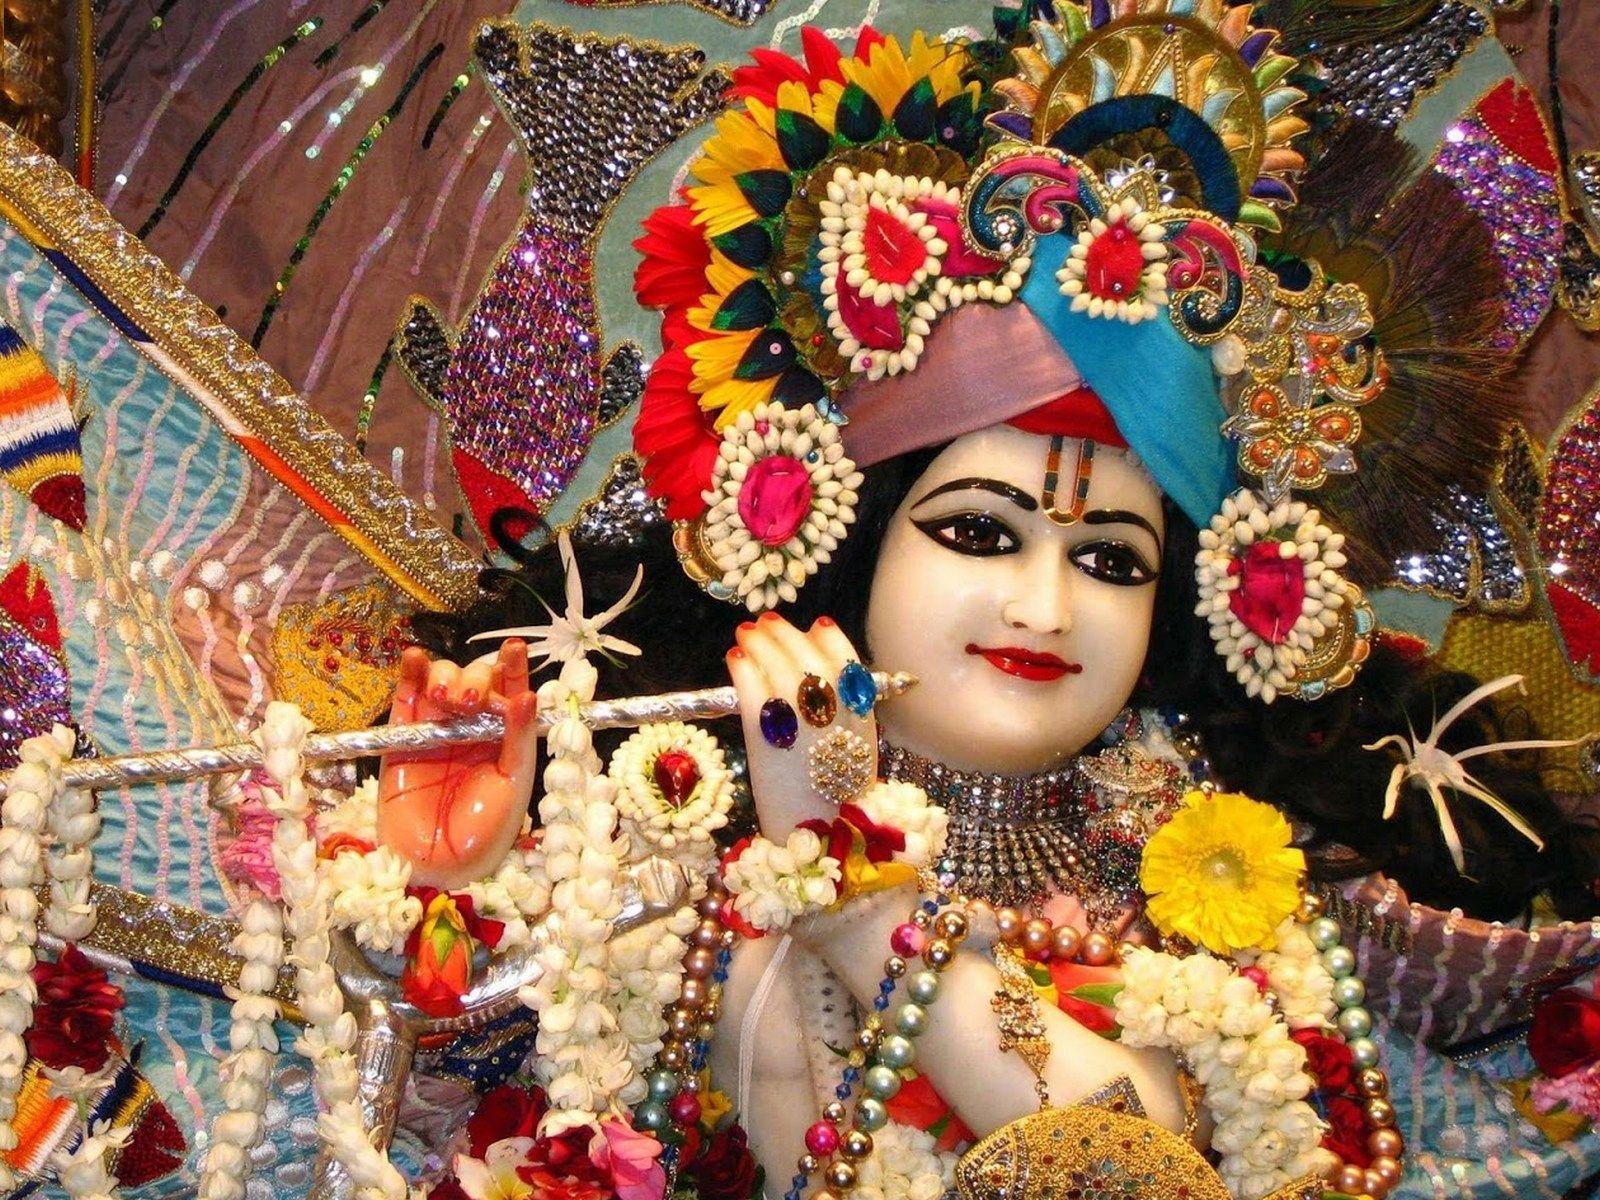 À¤Š À¤¶ À¤° À¤¨à¤® À¤¶ À¤° À¤• À¤· À¤£ À¤¯ À¤ªà¤° À¤ª À¤° À¤£à¤¤à¤® À¤¯ À¤¸ À¤µ À¤¹ Radhemaa Shriradhemaa Lordkrishna Krishna Krishna Wallpaper Lord Krishna Wallpapers Lord Krishna Images